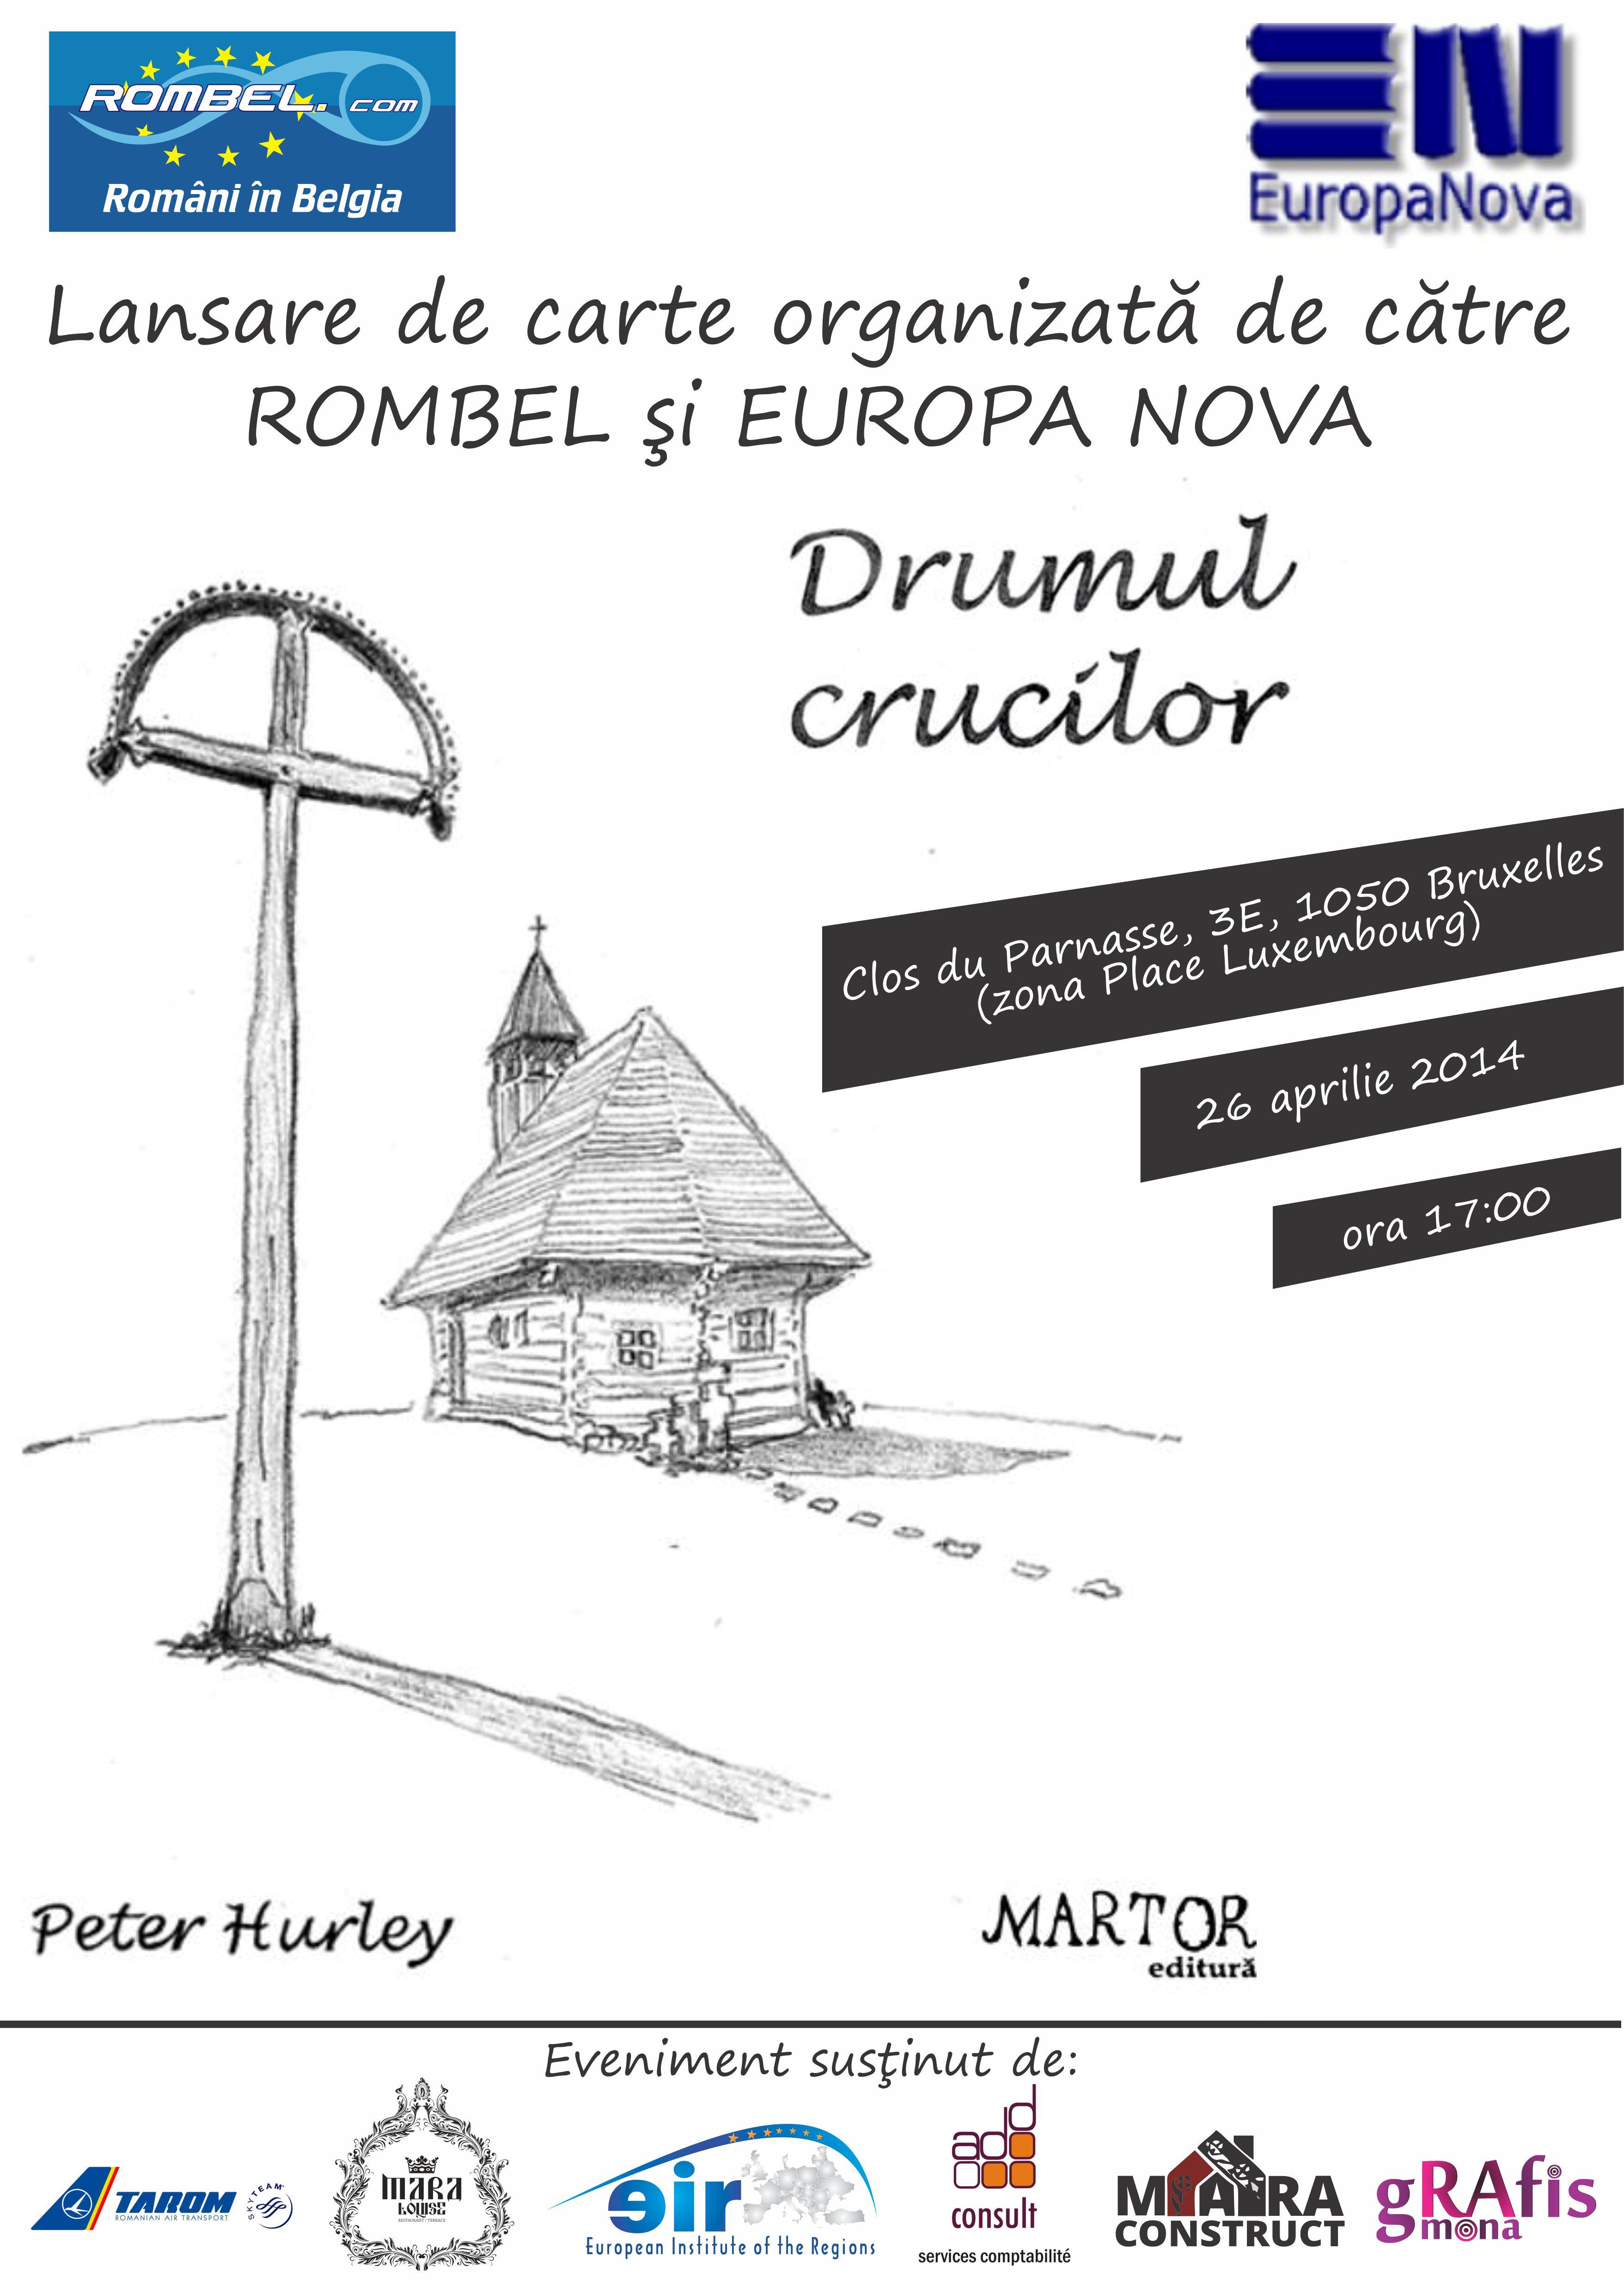 Rencontre avec l'écrivain Peter Hurley le 26 avril à 17h